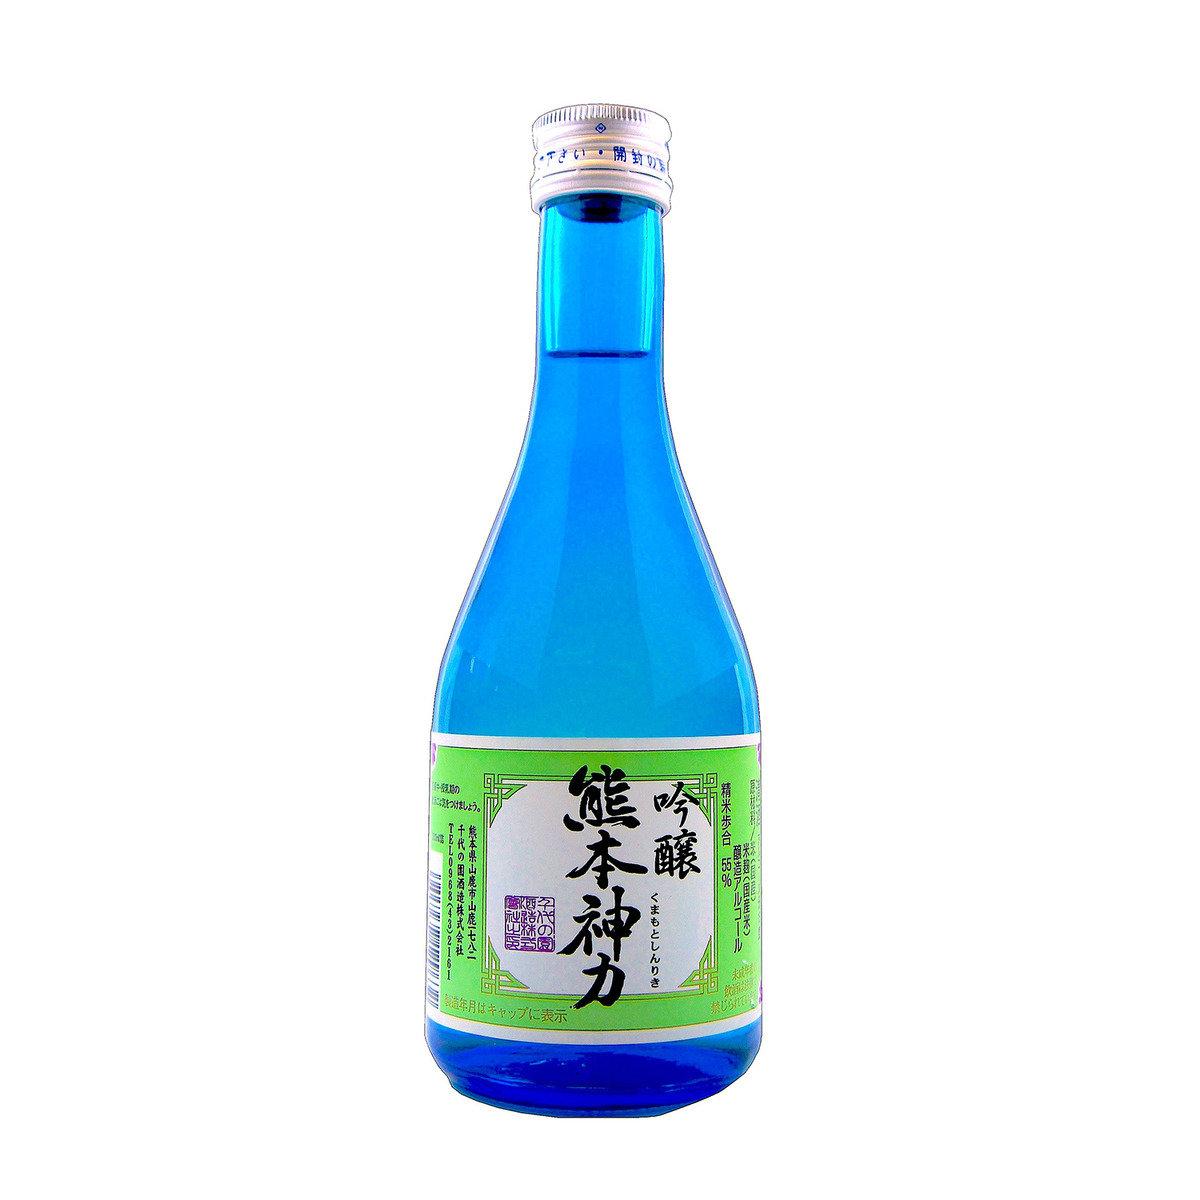 吟釀 '熊本神力' (300毫升)